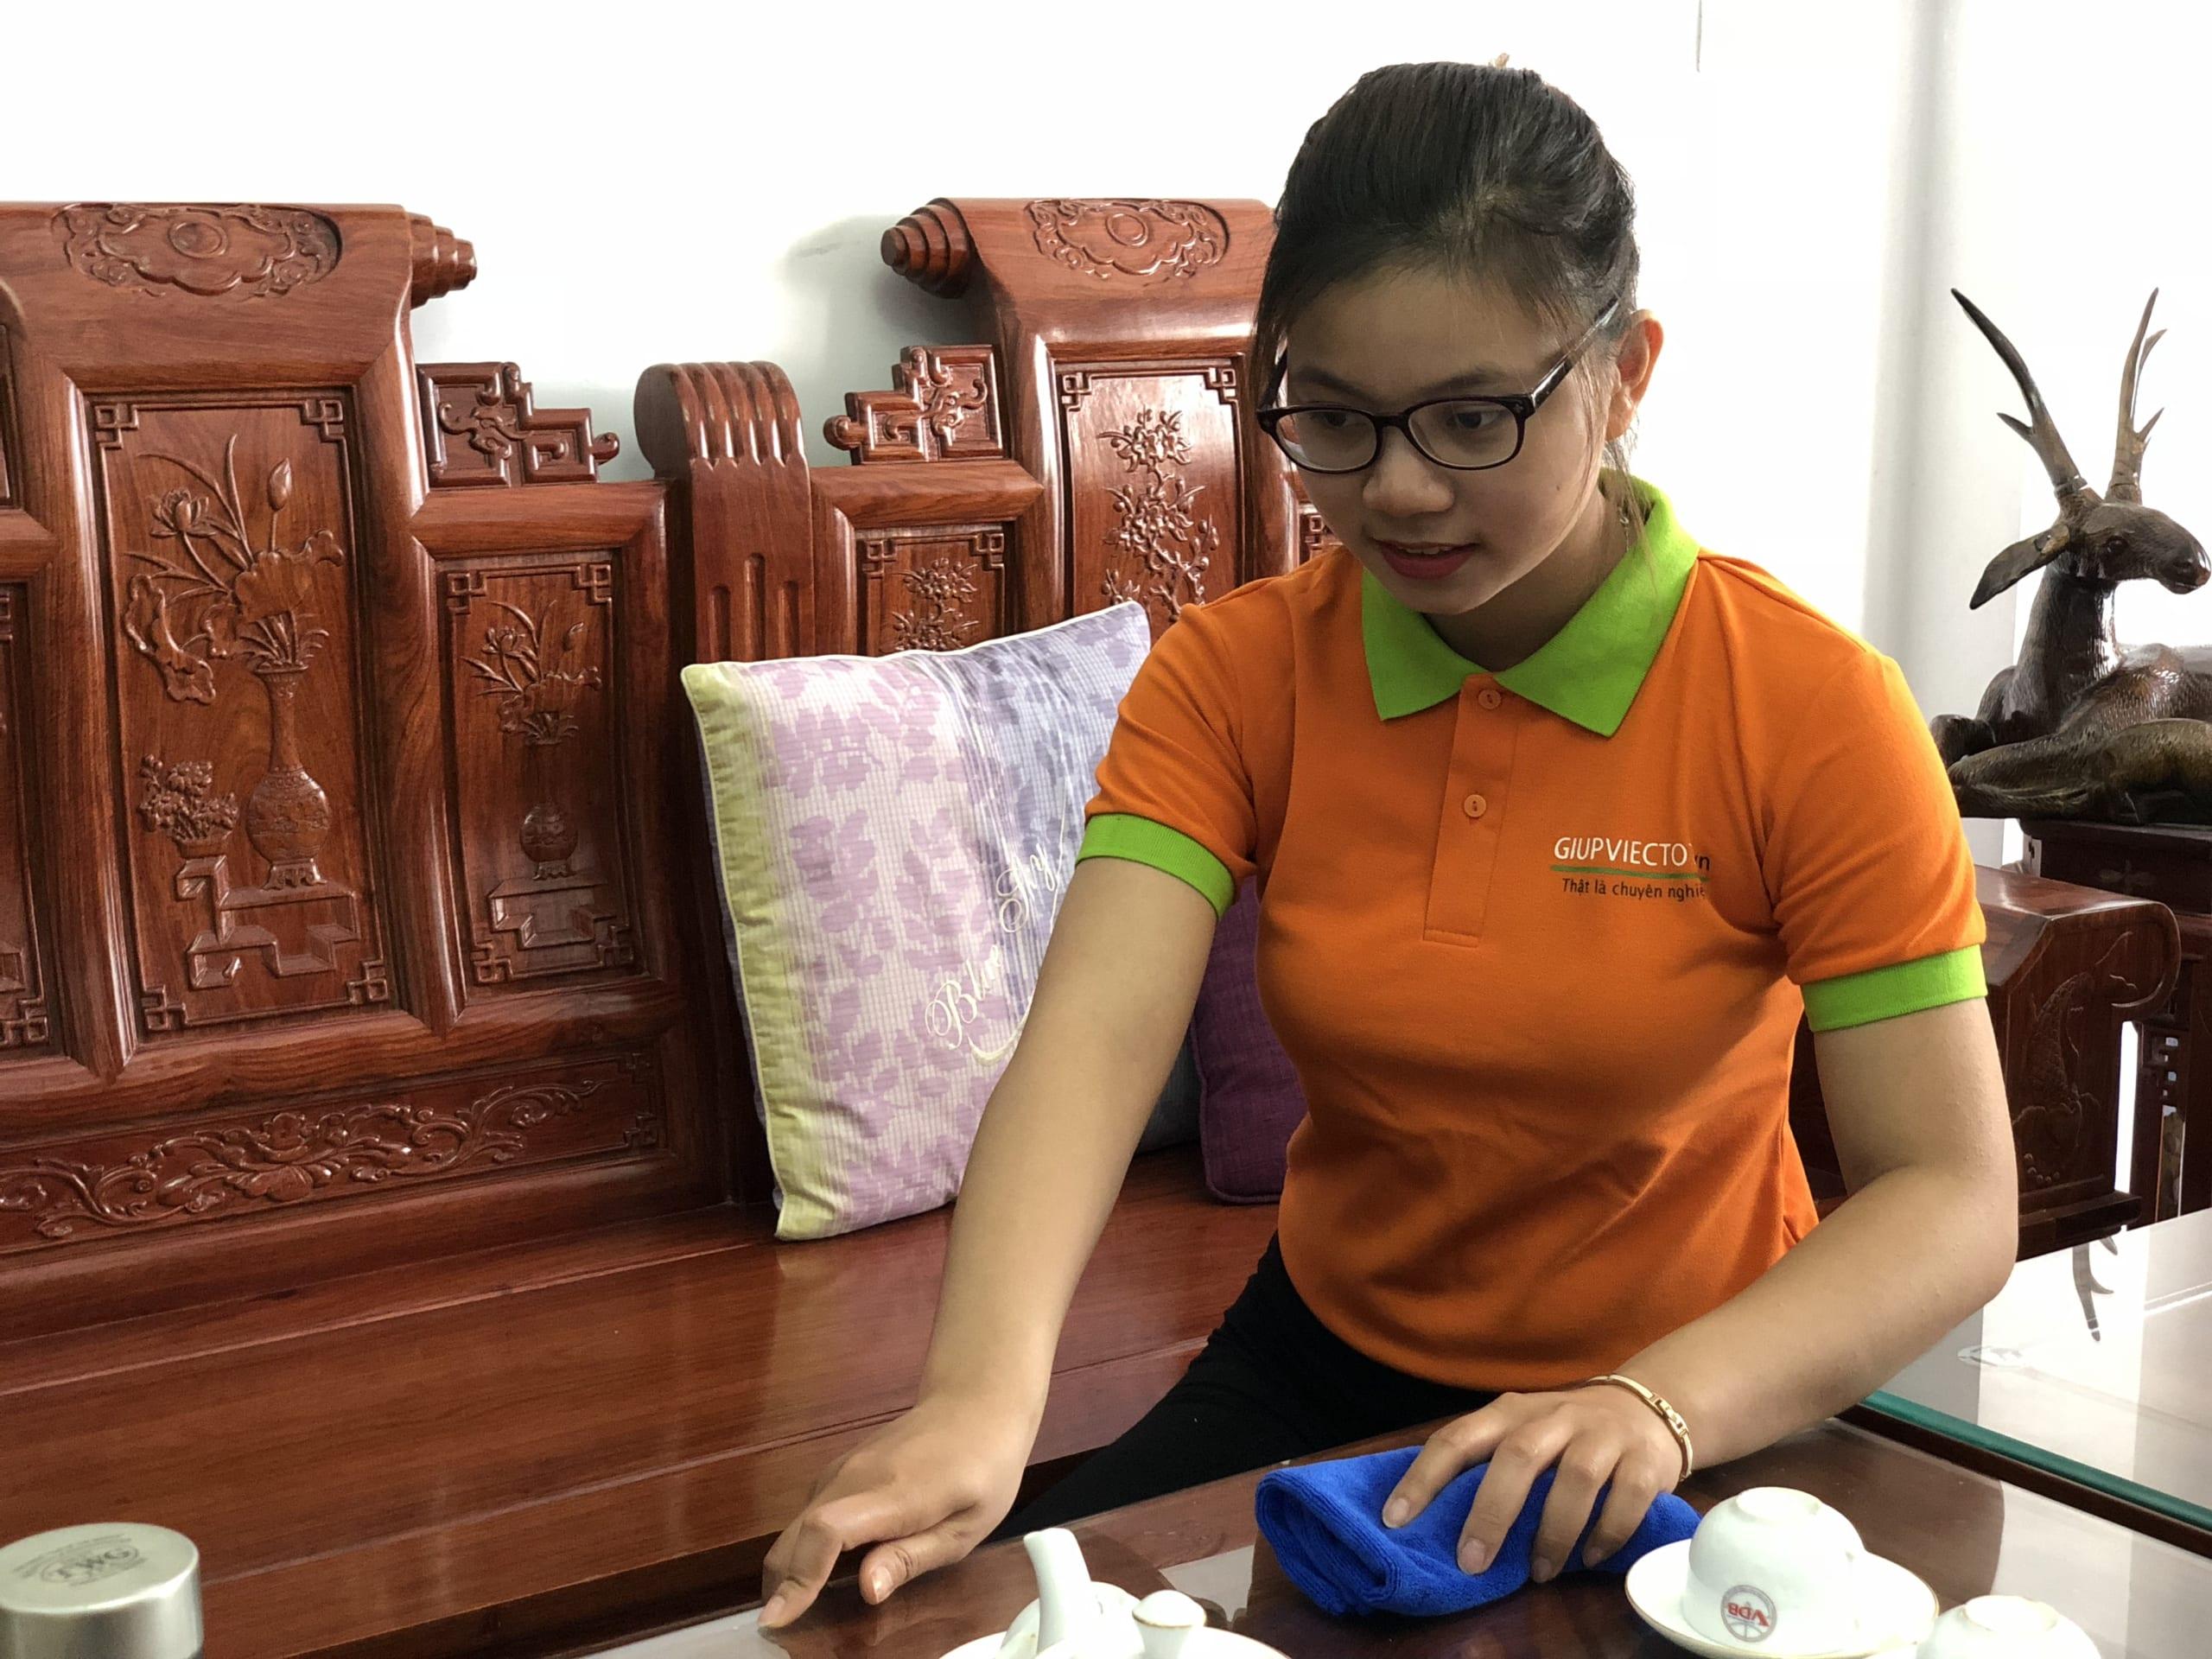 Giúp việc theo giờ uy tín tại Nam Từ Liêm